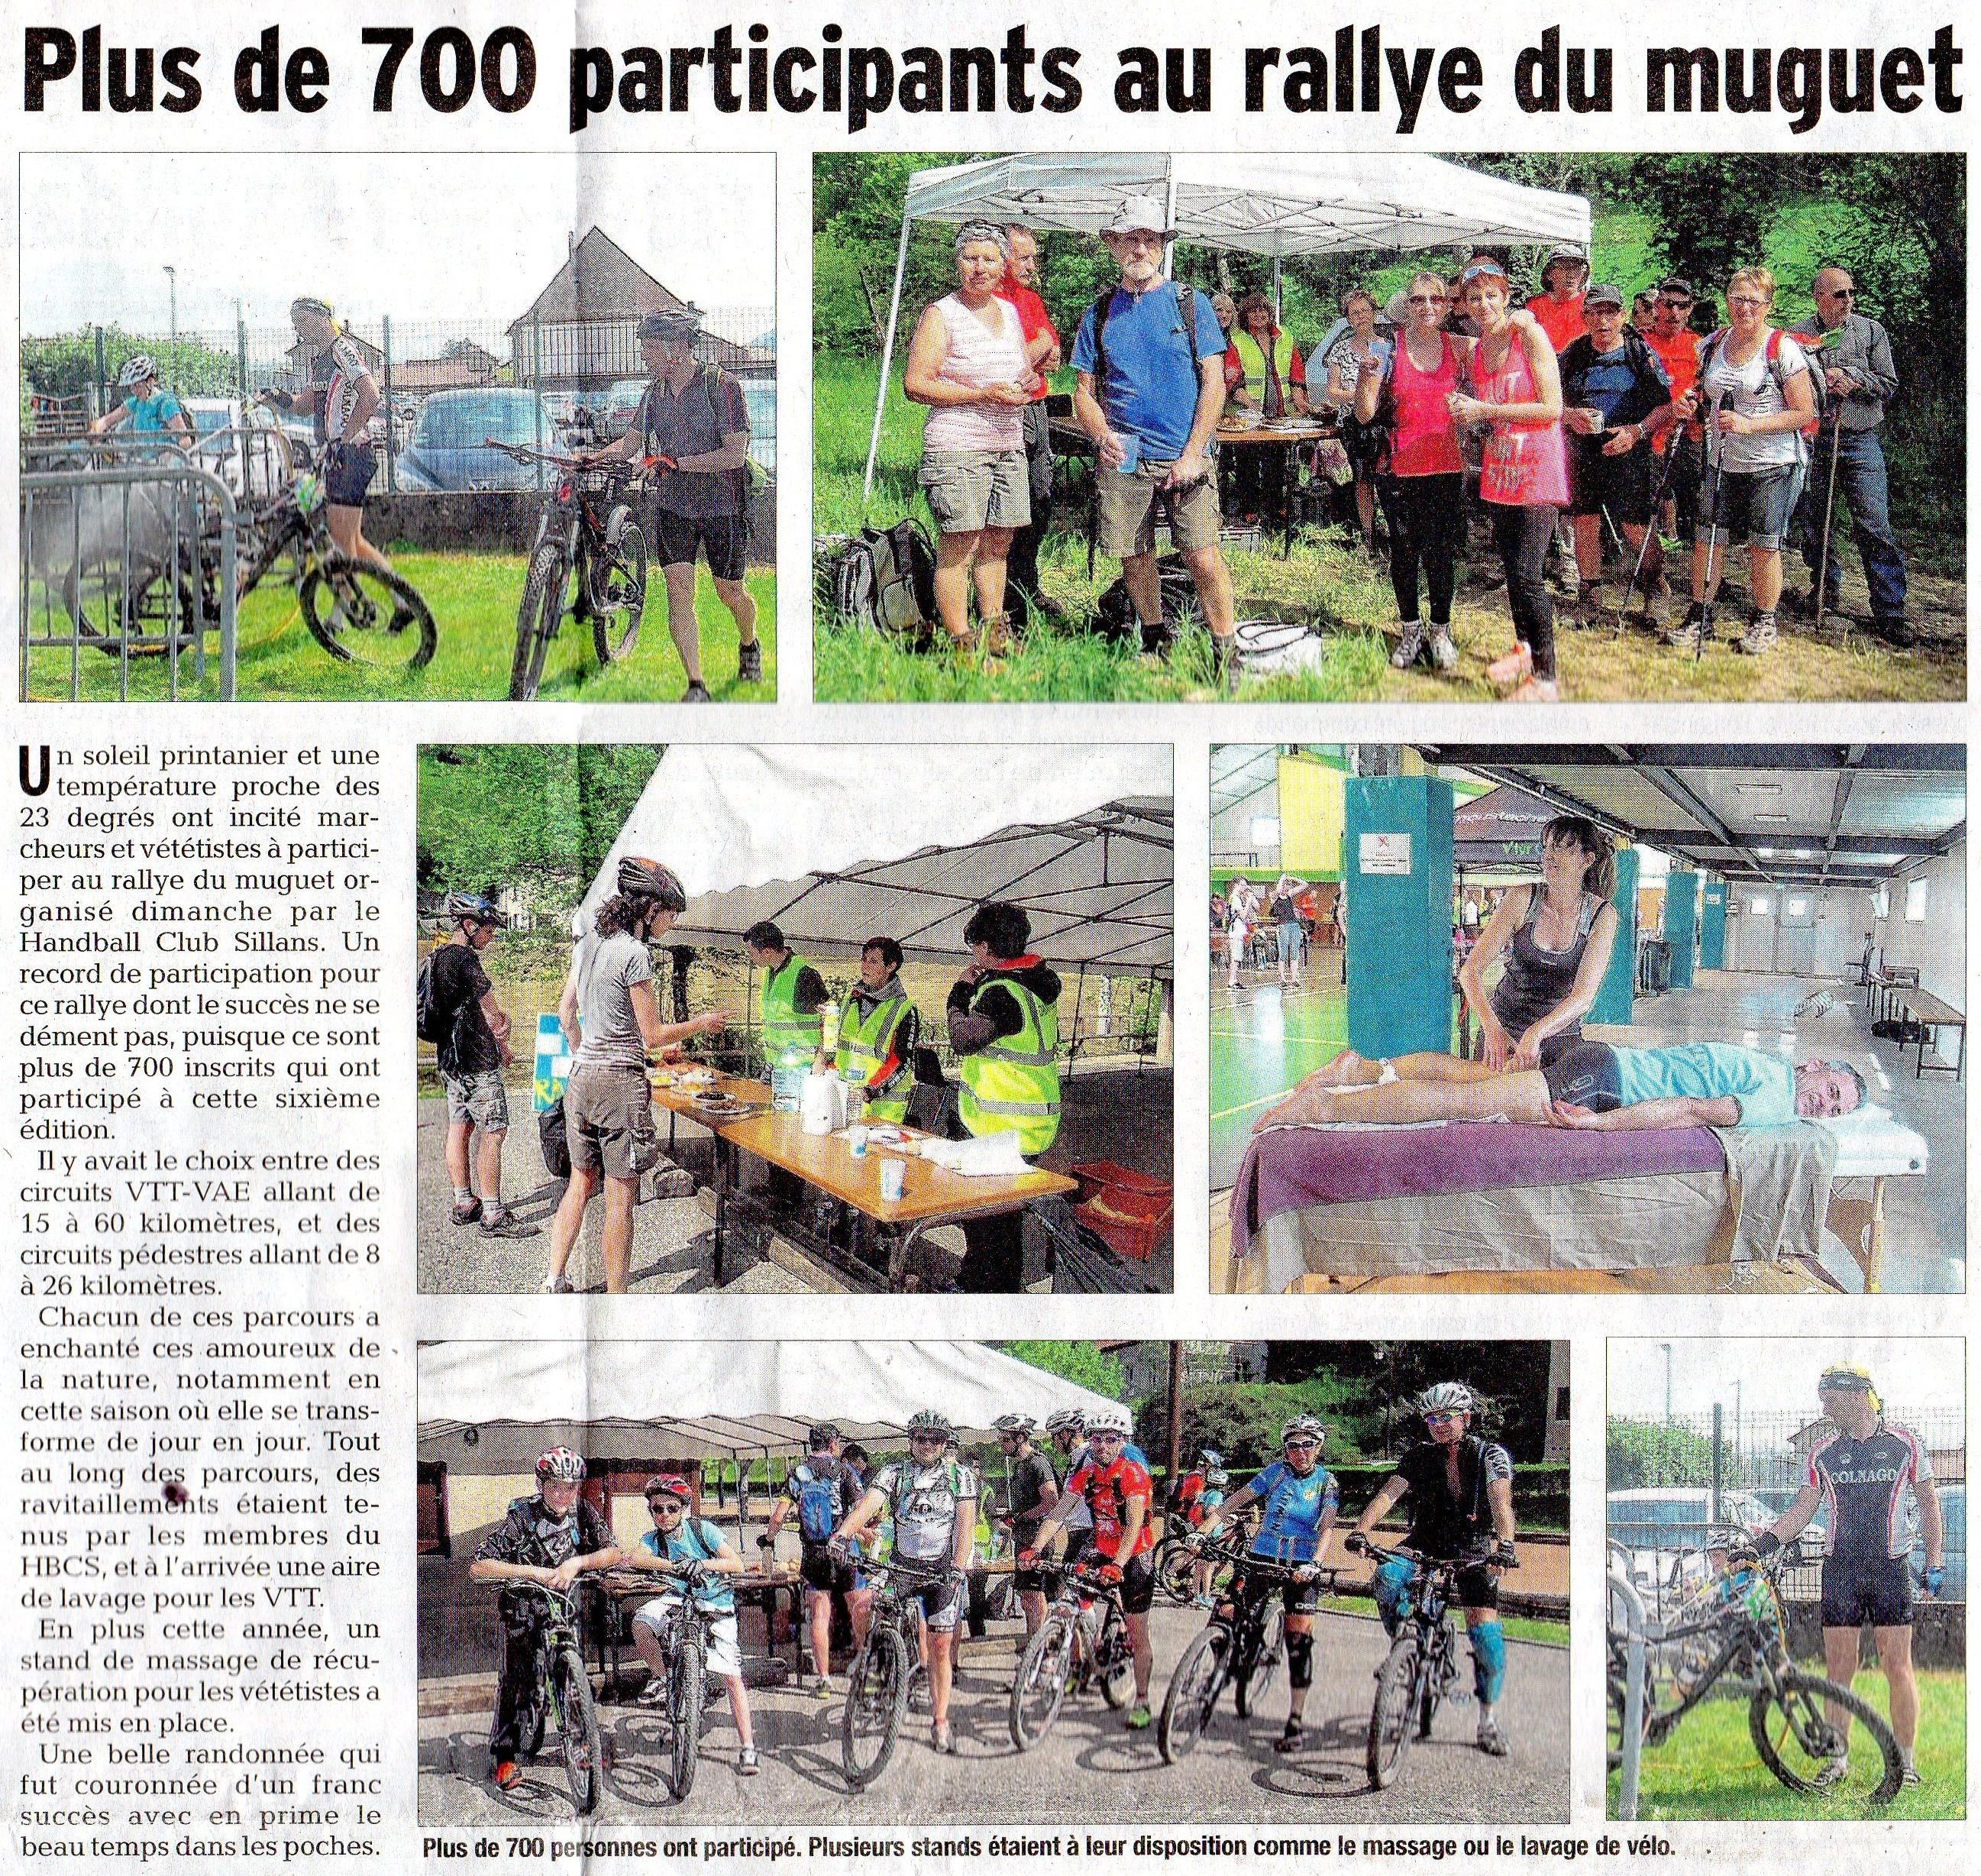 Le dauphiné libéré - Rallye du Muguet